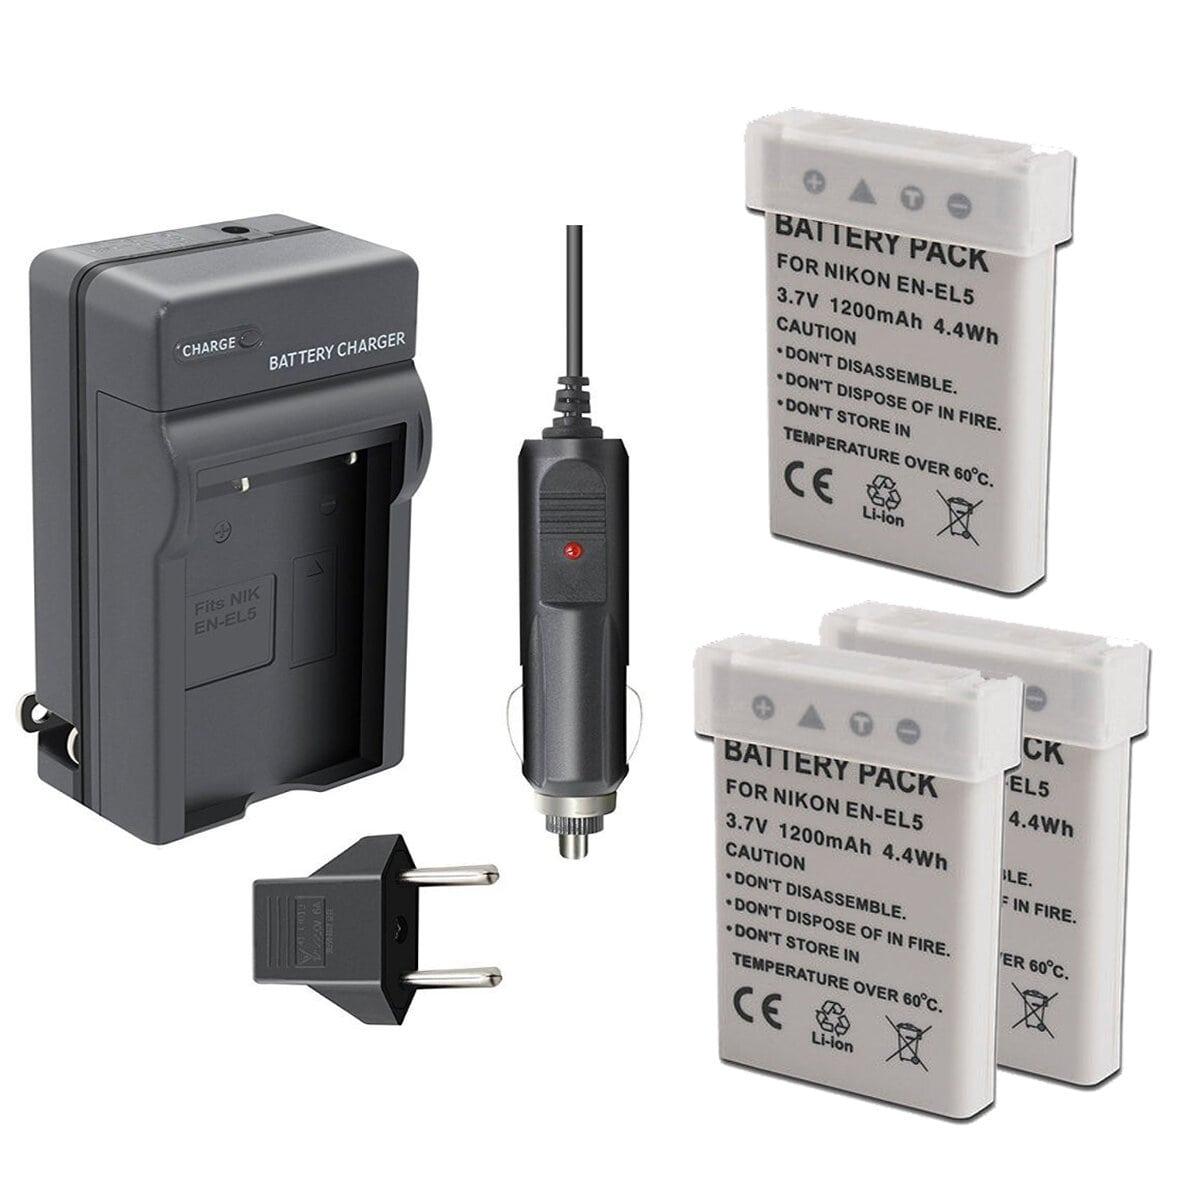 Kit 3 Baterias + Carregador En-el5 Para Nikon